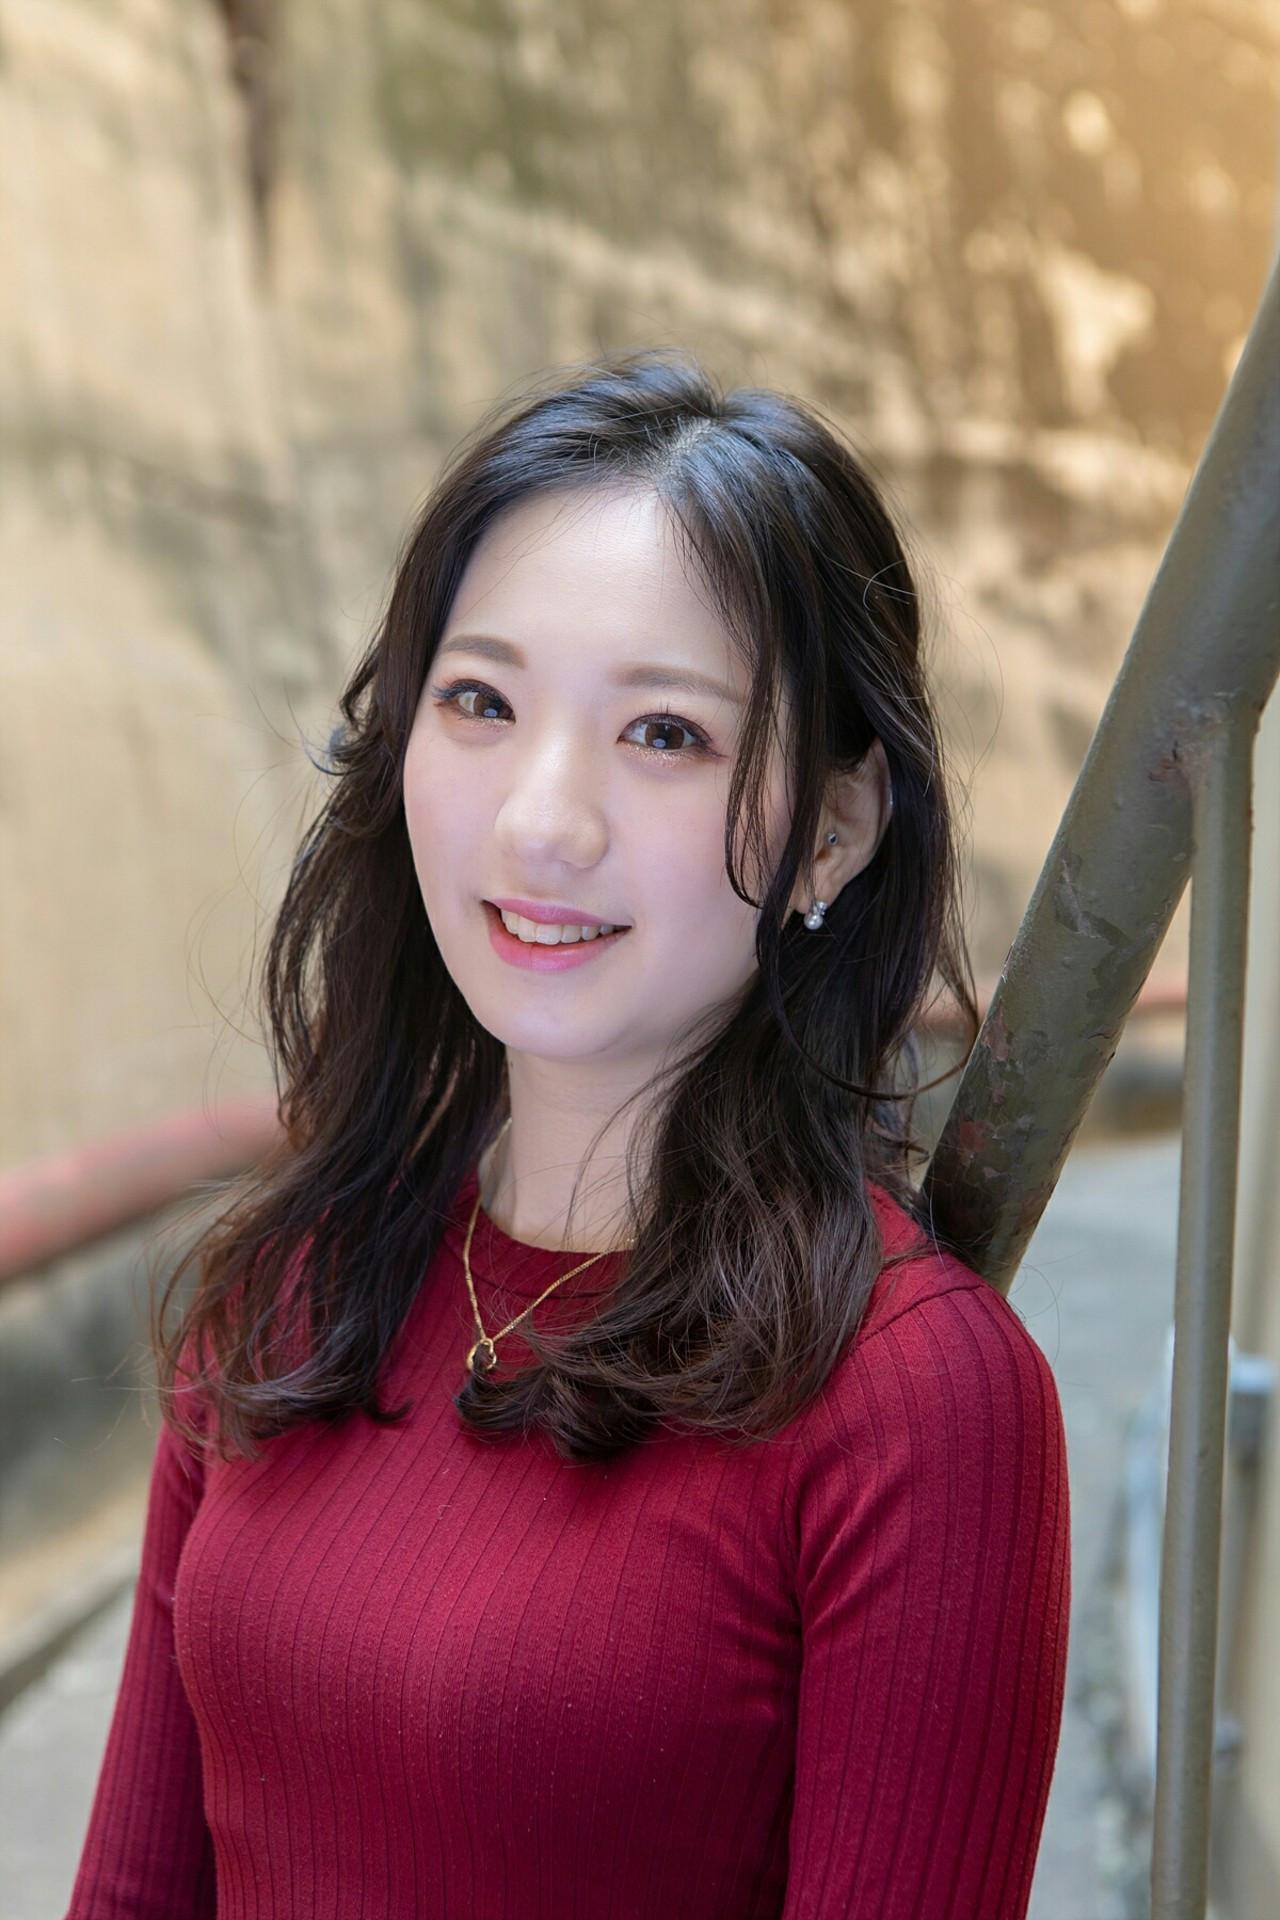 ロング パーマ 韓国ヘア エレガント ヘアスタイルや髪型の写真・画像